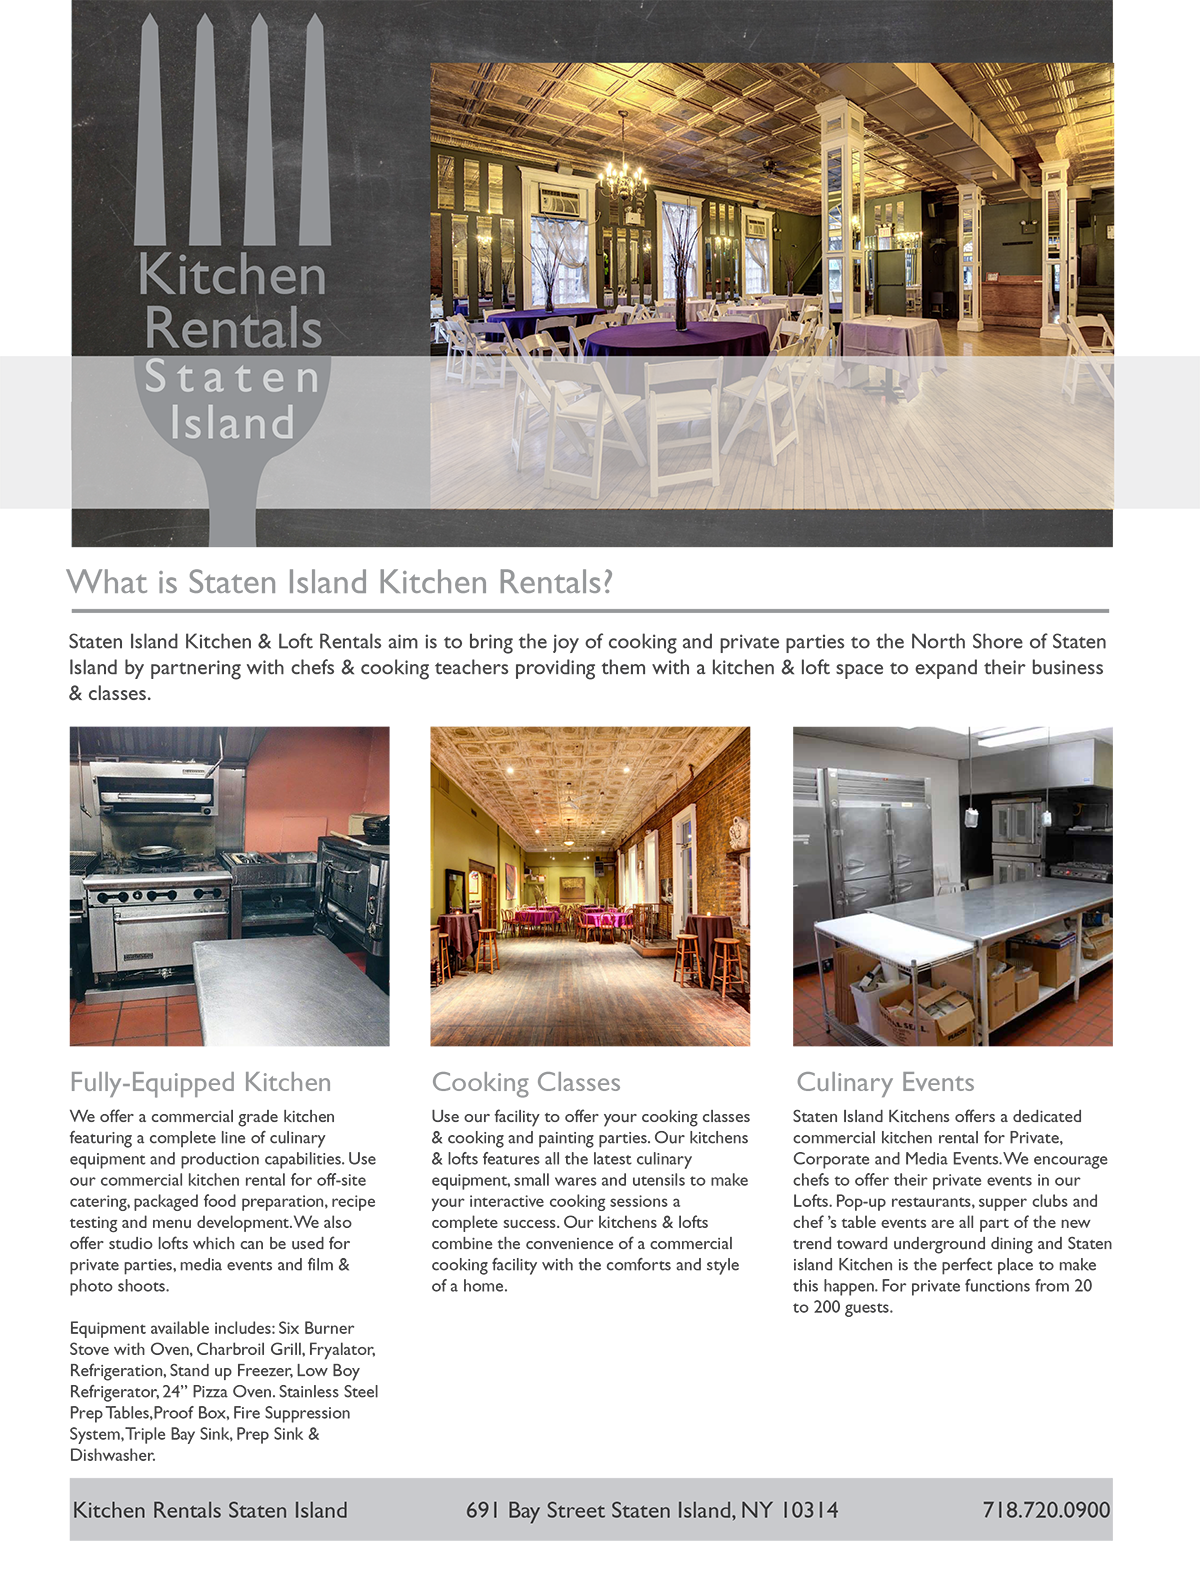 Staten Island Kitchen Rentals | Staten Island Party Rentals